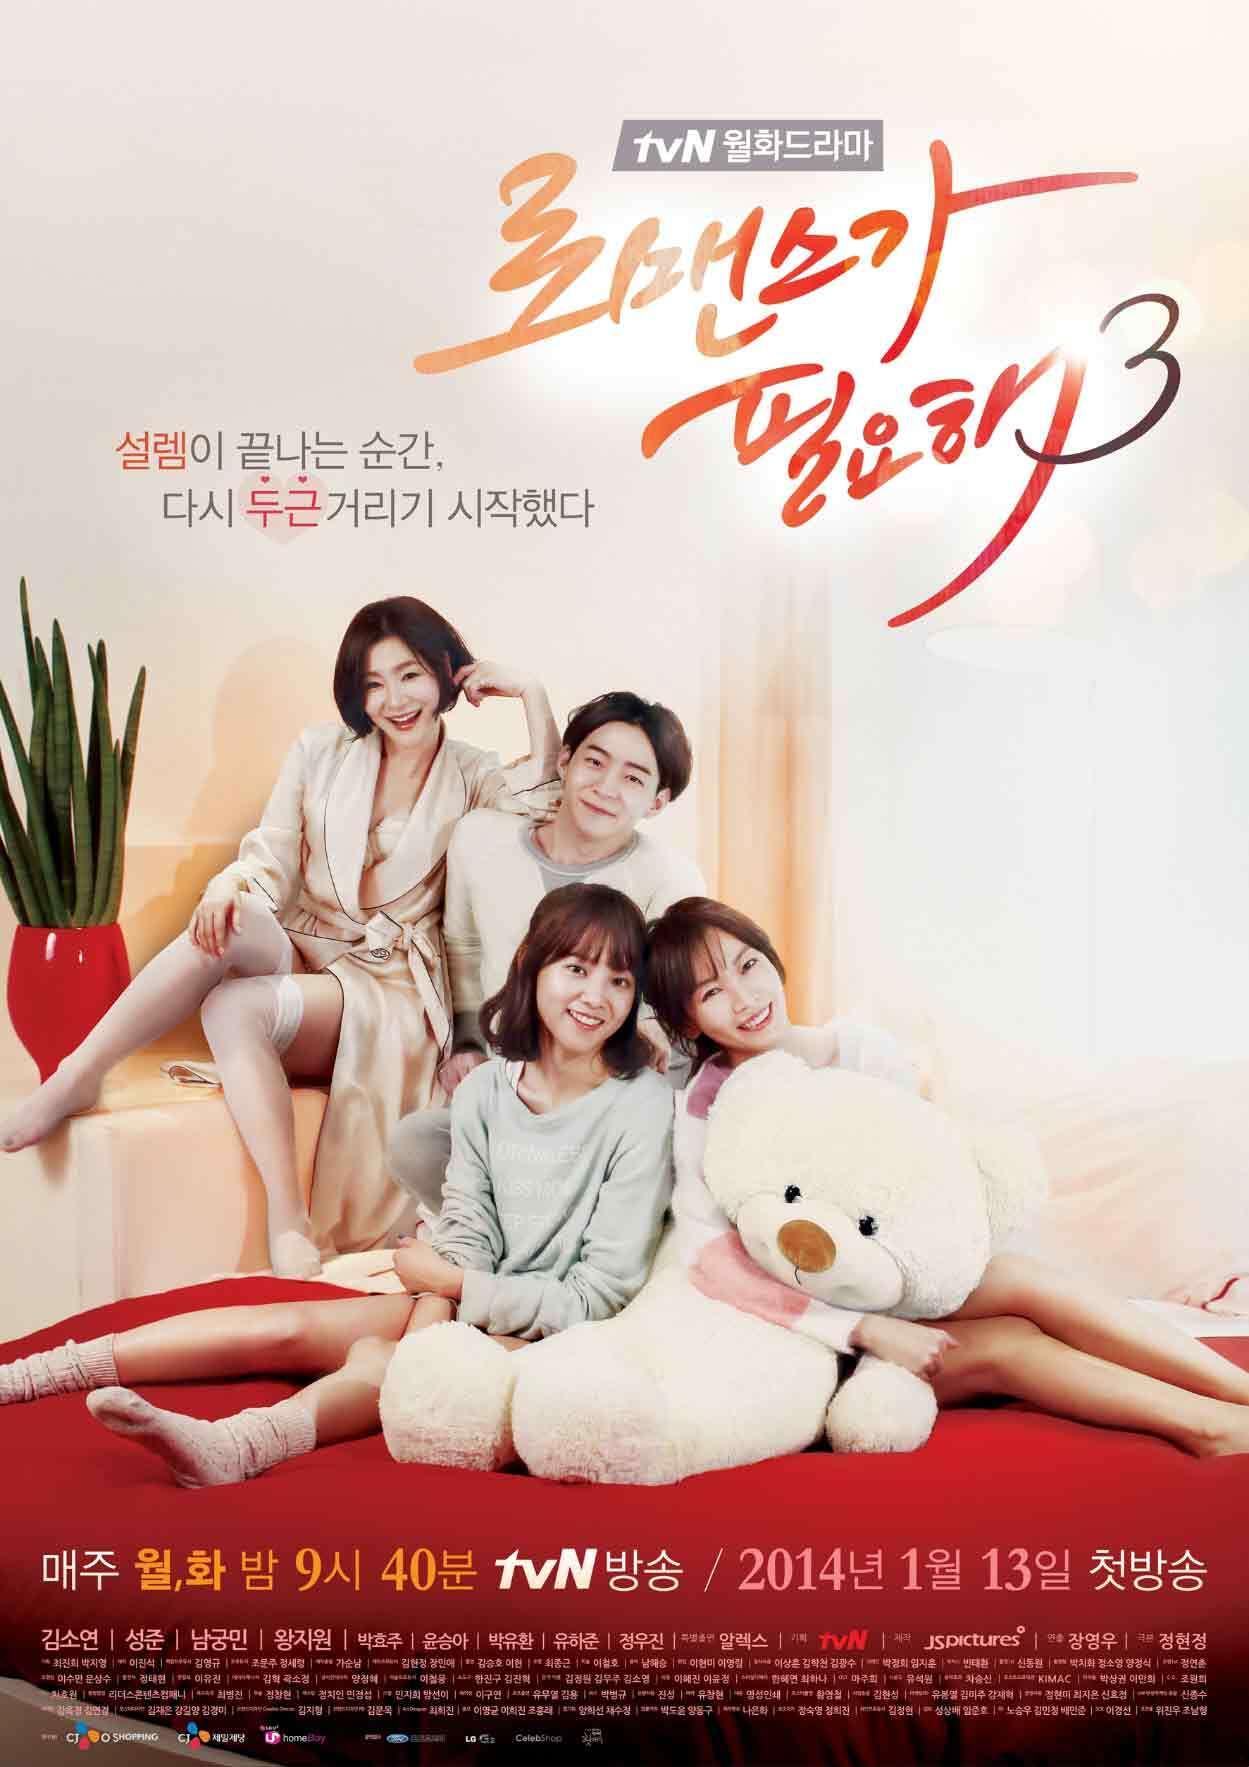 ☆韓国ドラマ☆《ロマンスが必要1・2・3セット》DVD版 送料無料!